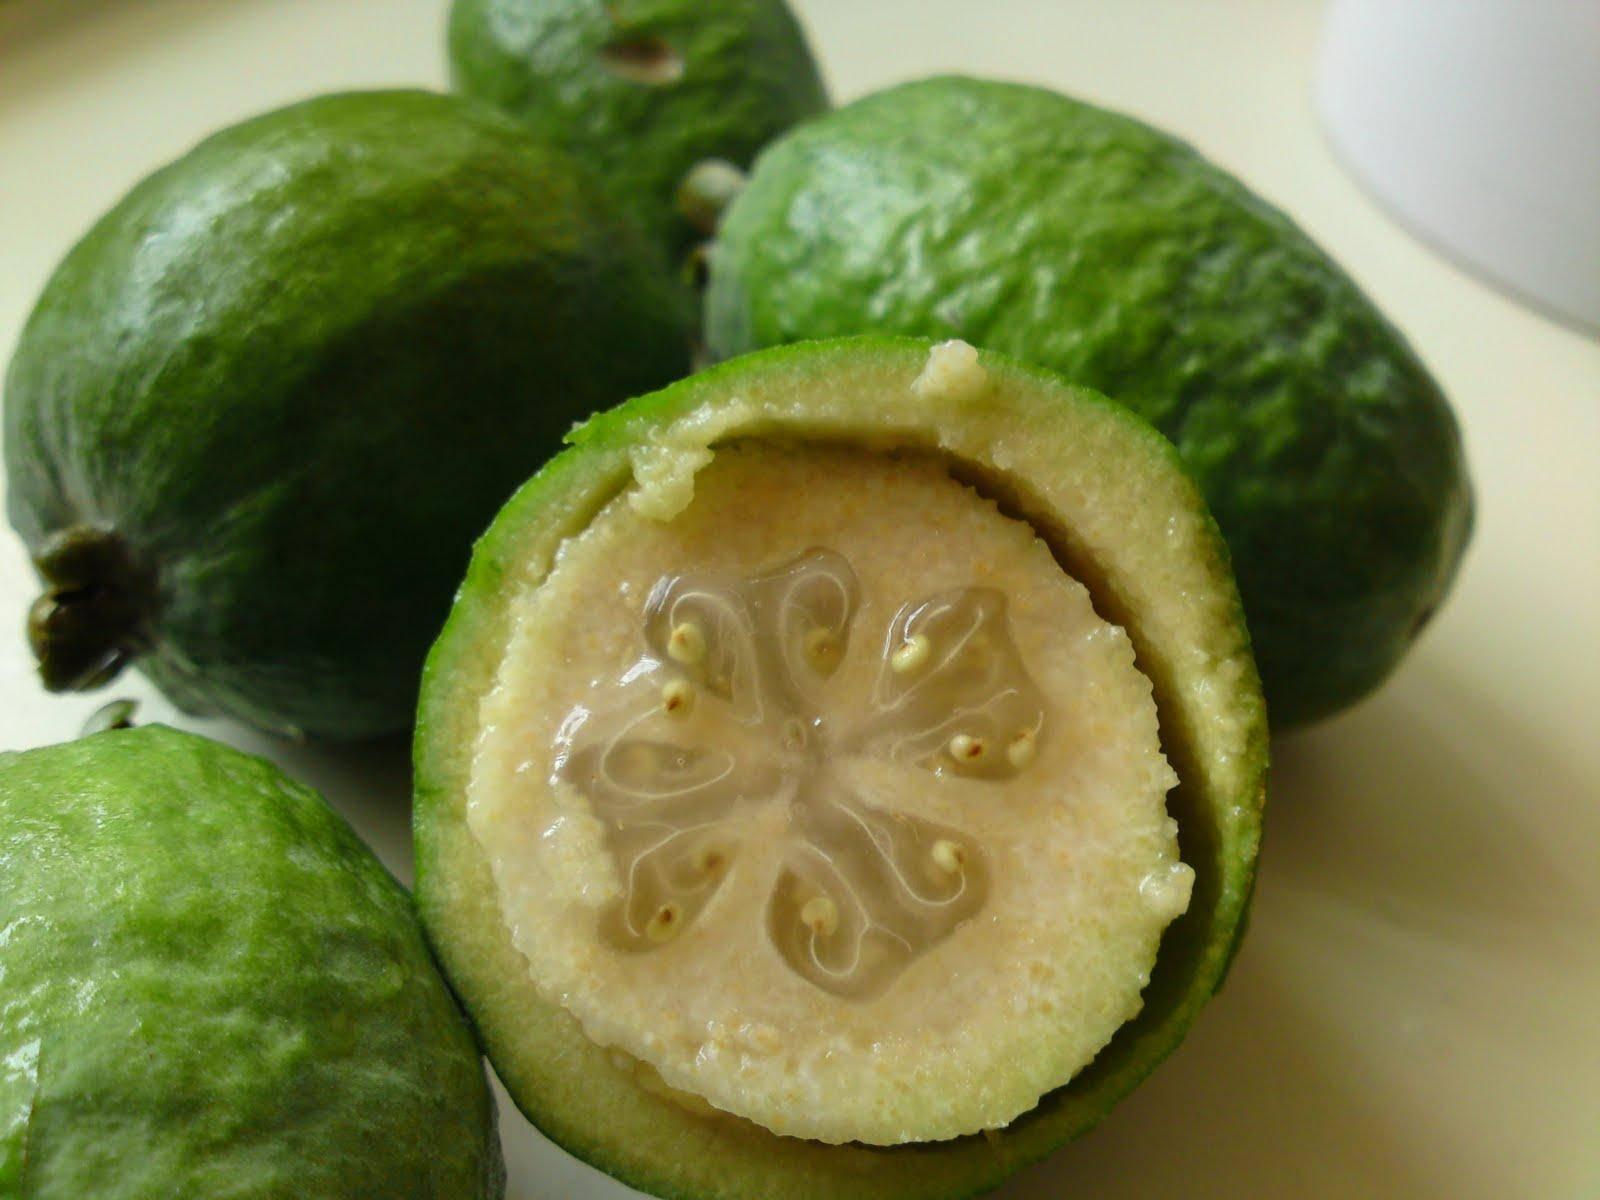 Что такое фейхоа: полезные свойства плодов, листьев и коры растения, противопоказания